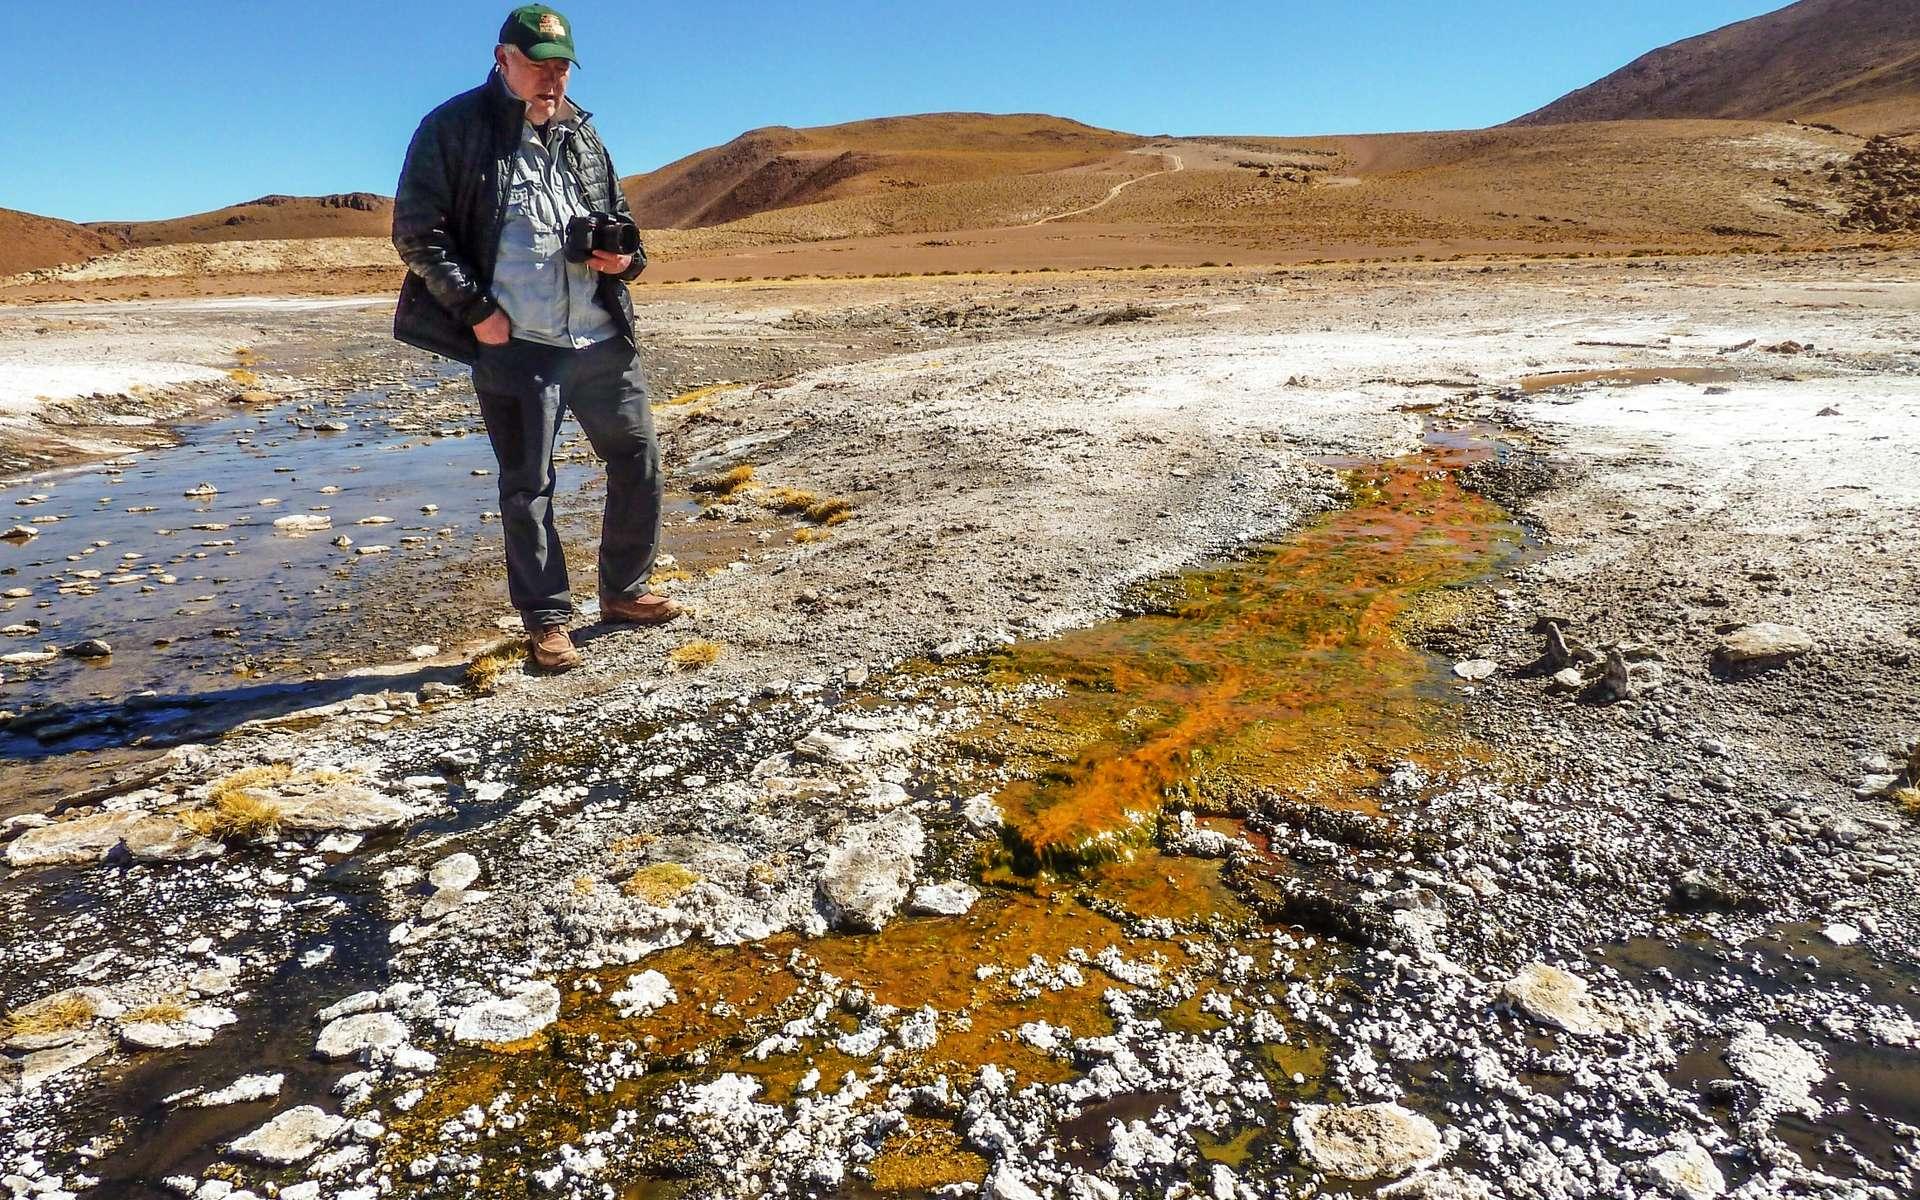 L'exobiologiste Jack Farmer inspecte un écoulement issu d'une des sources chaudes d'El Tatio au Chili. Il est coloré par la présence de micro-organismes. L'air est particulièrement sec et la température descend en dessous de zéro chaque nuit en ce lieu en altitude dans la Cordillère des Andes. Le rayonnement ultraviolet y est aussi plus intense, ce qui fait de ce lieu du désert de l'Atacama l'environnement le plus proche sur Terre de ce qu'ont dû être certaines sources chaudes martiennes. © Steve Ruff